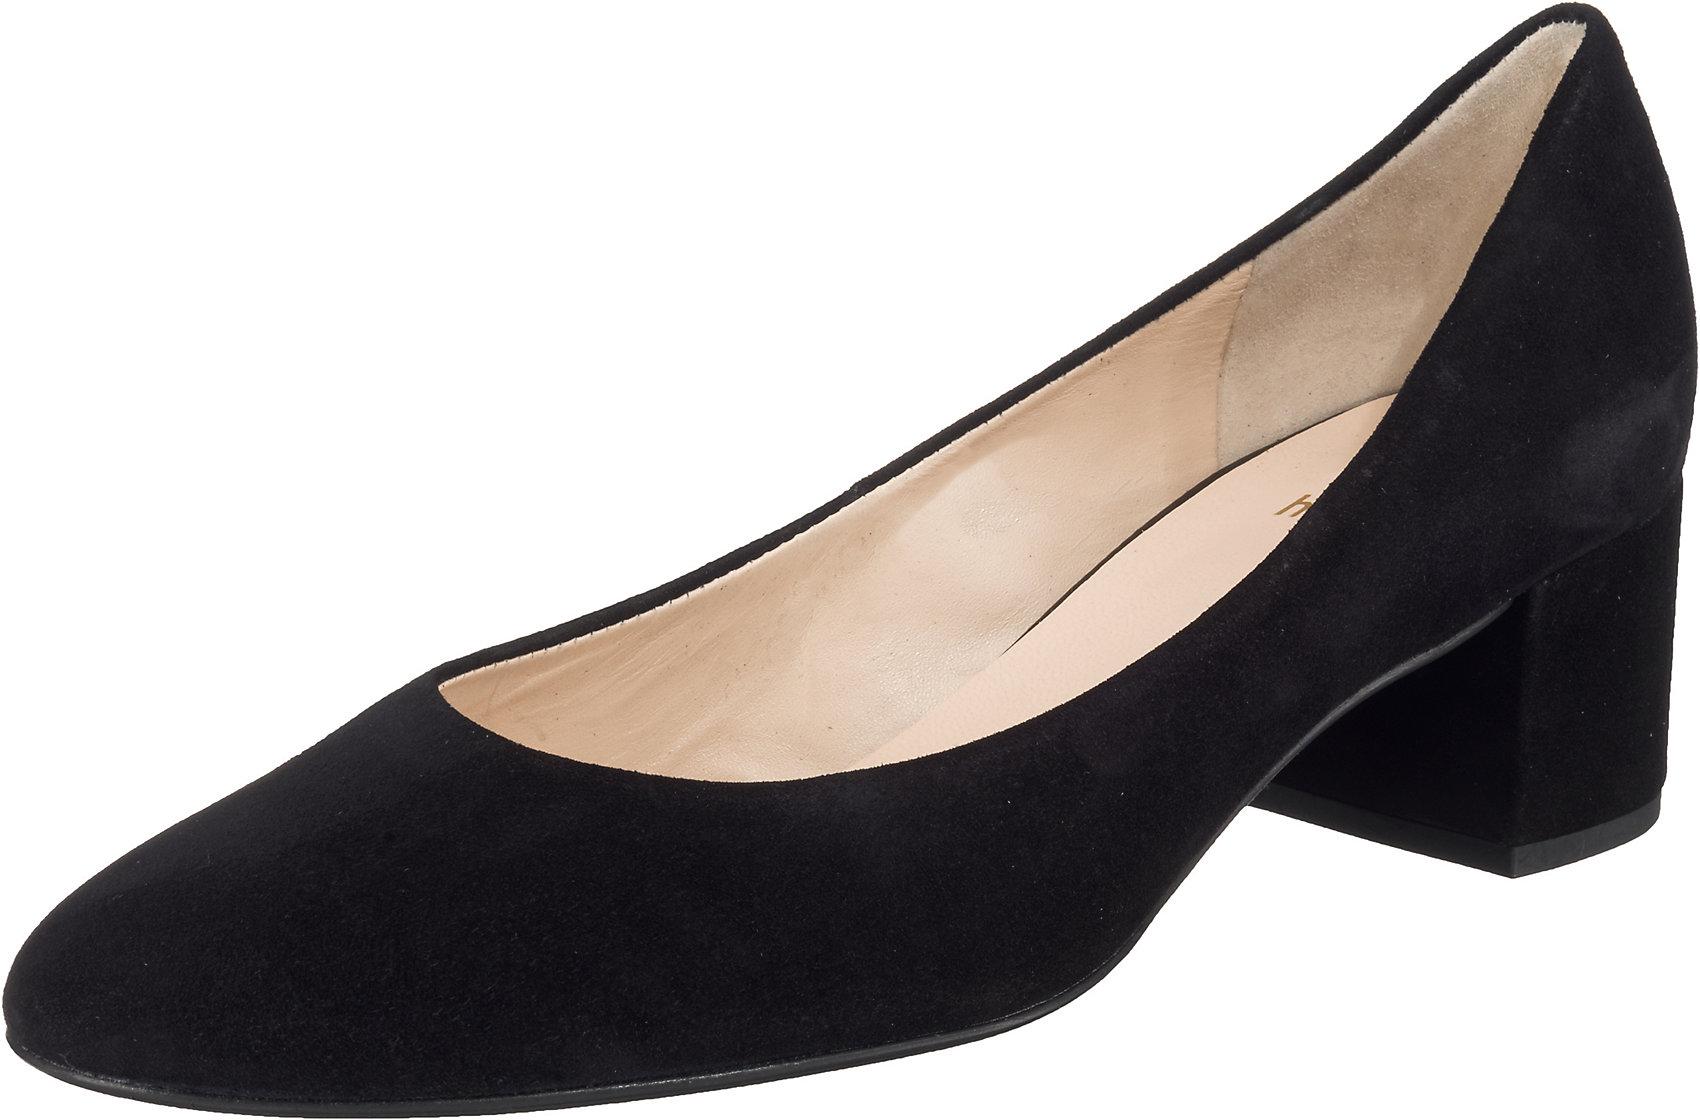 Clarks Adriel Viola Pumps Damen Schwarz Schuhe Klassische